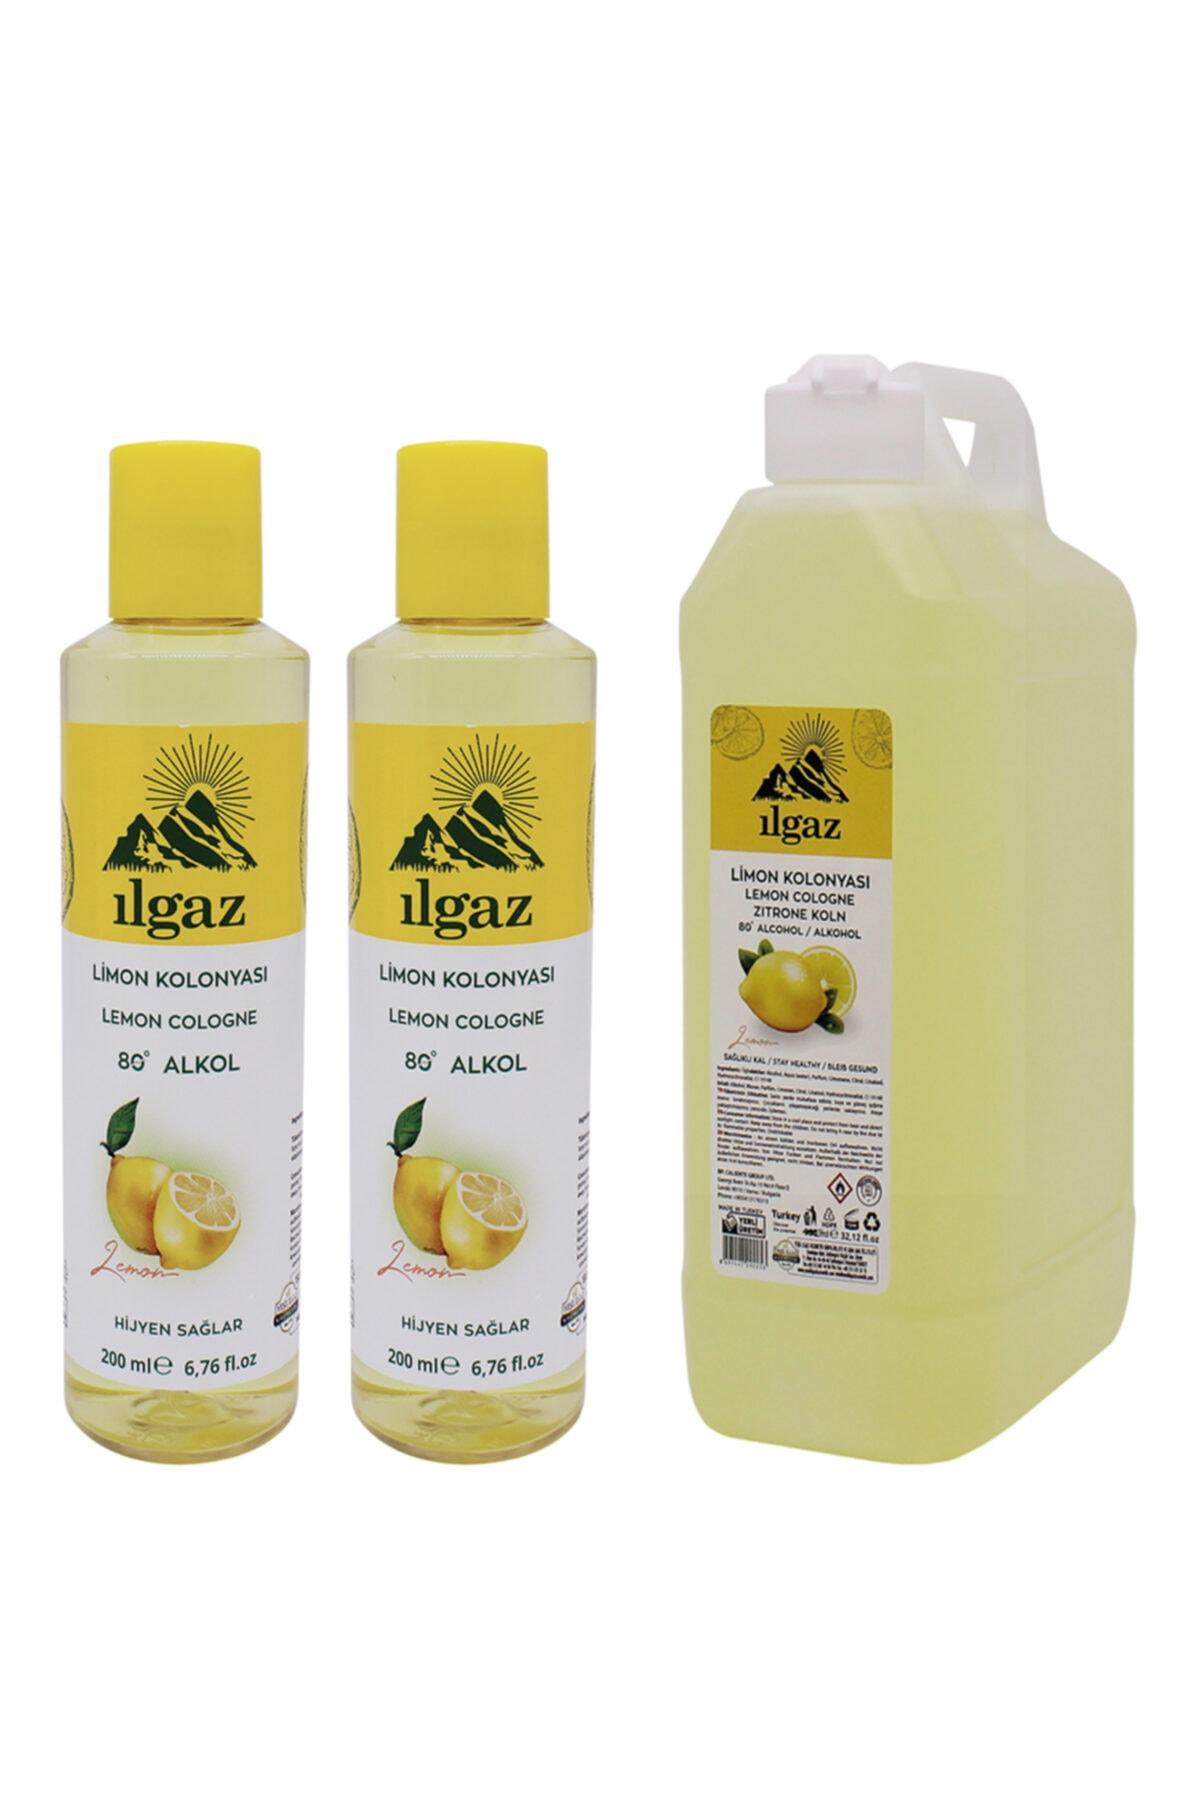 ILGAZ Limon Kolonyası 2x200 ml +1000 ml Bidon Limon Kolonyası Doldurulabilir Huni Kapak Kolonya Seti 1